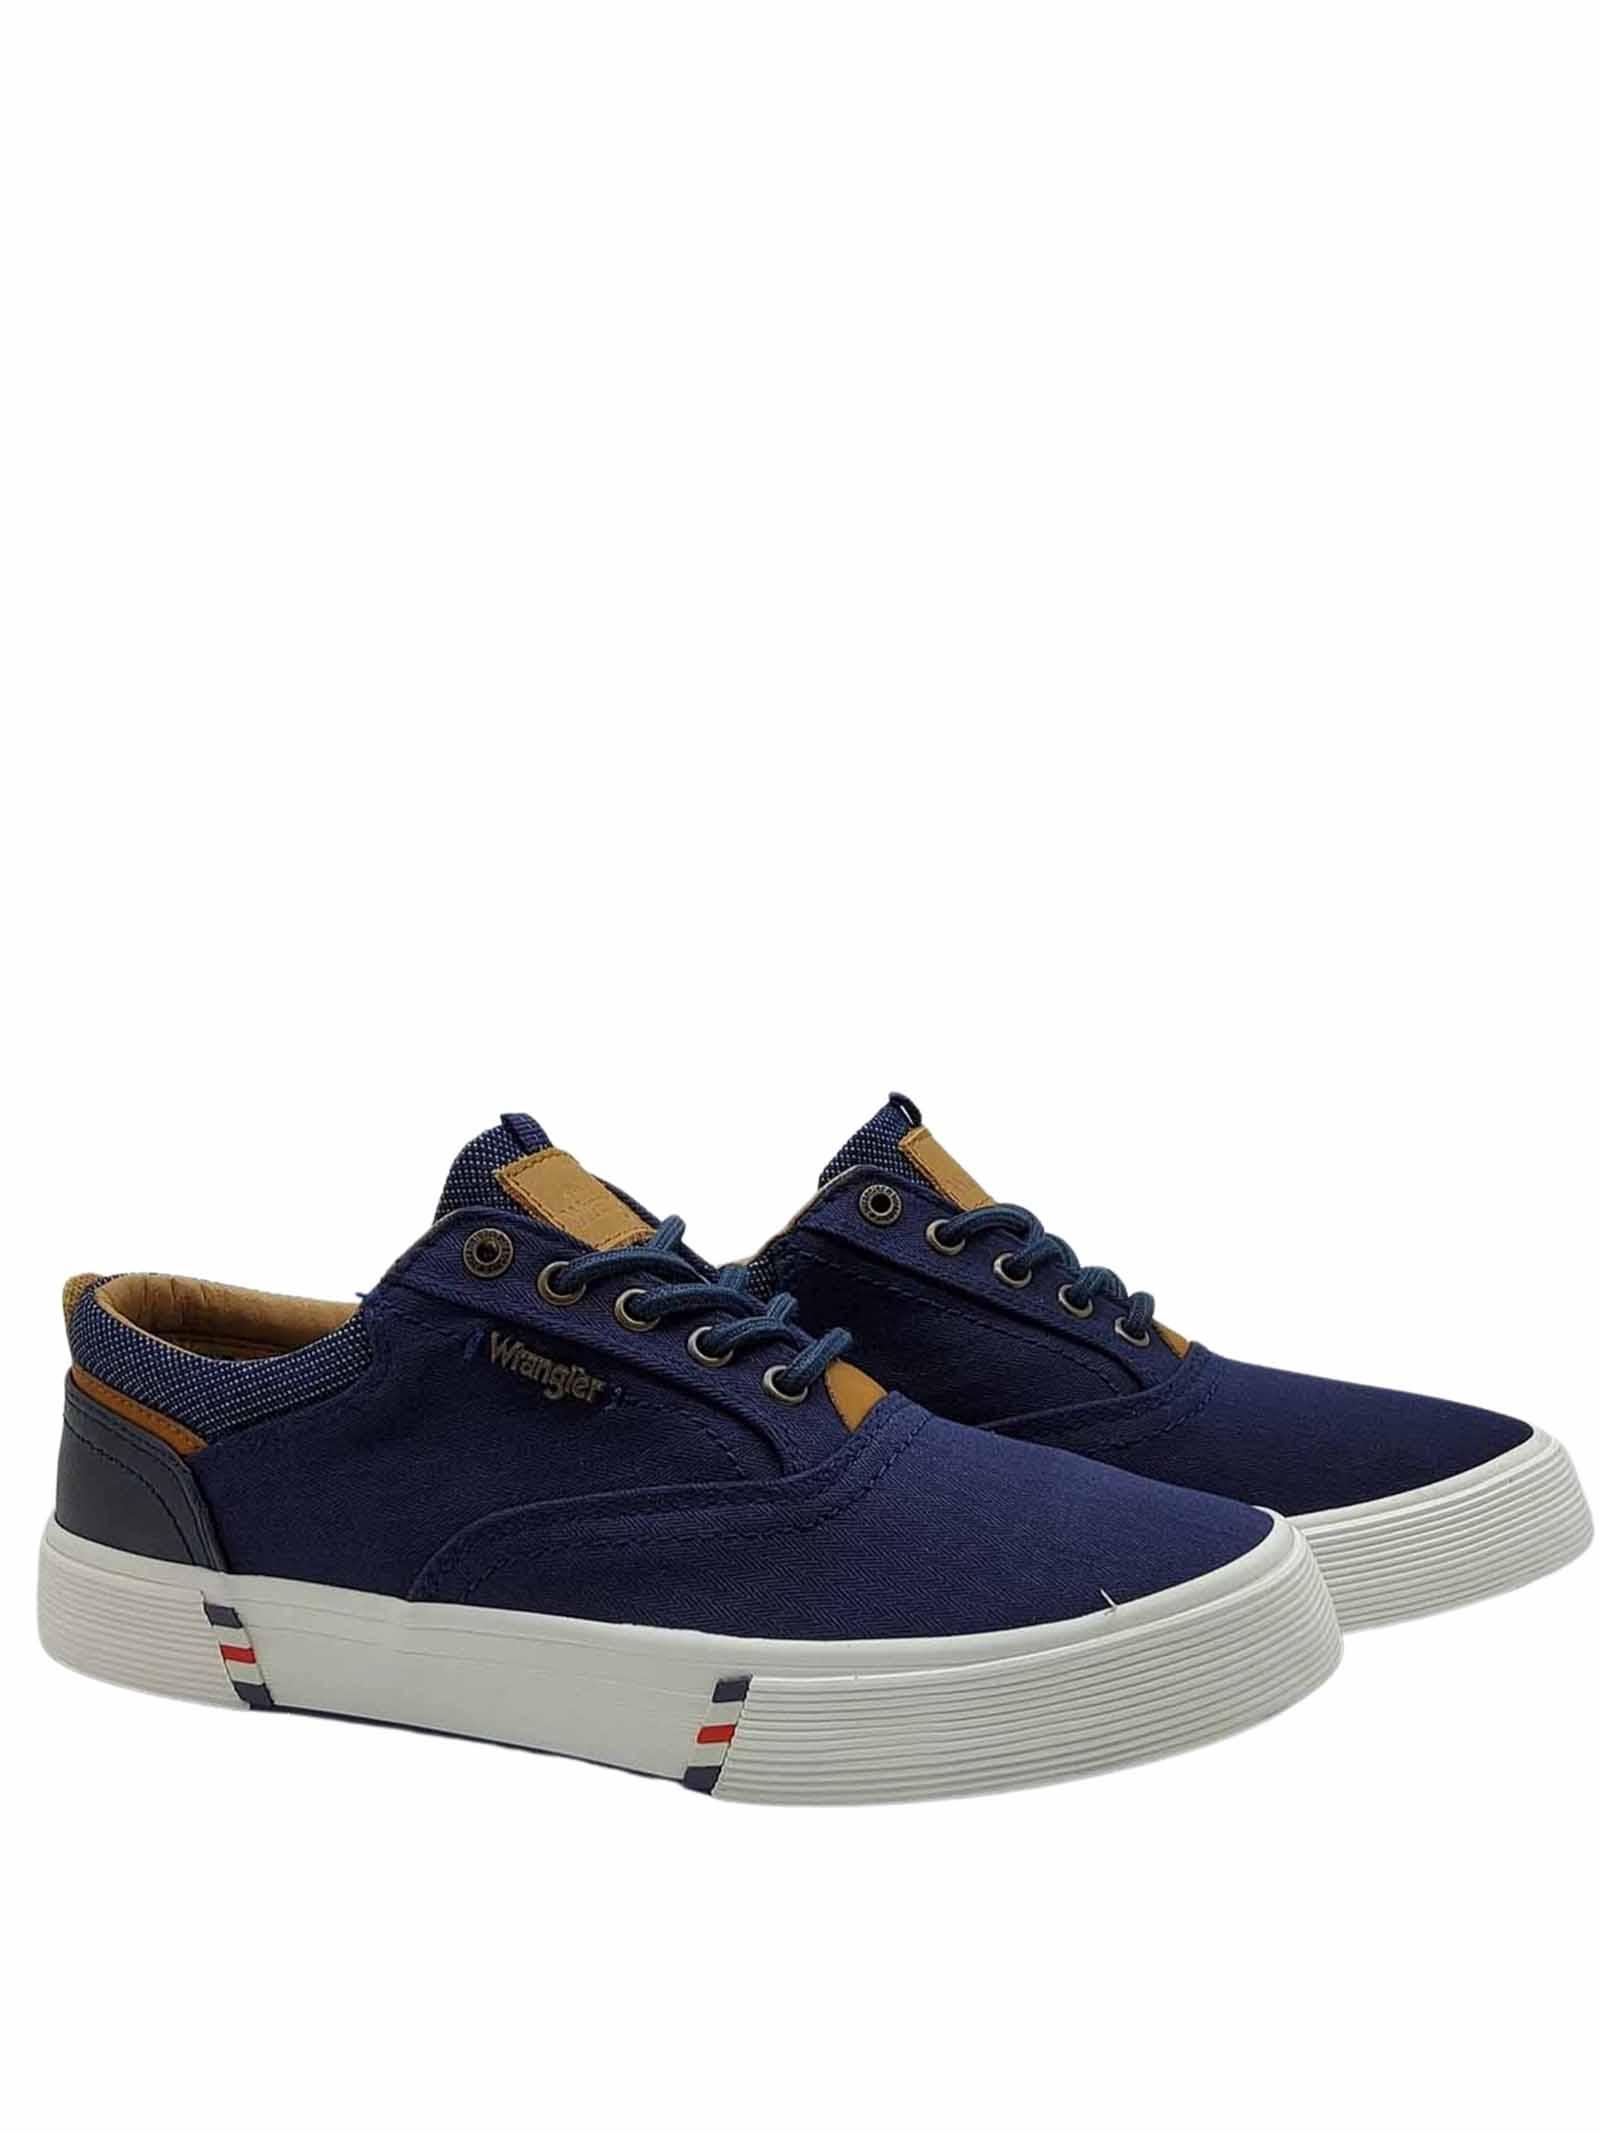 Calzature Uomo Sneakers Monument Board in Tessuto Blu e Fondo in Gomma Wrangler   Sneakers   WM11114A016